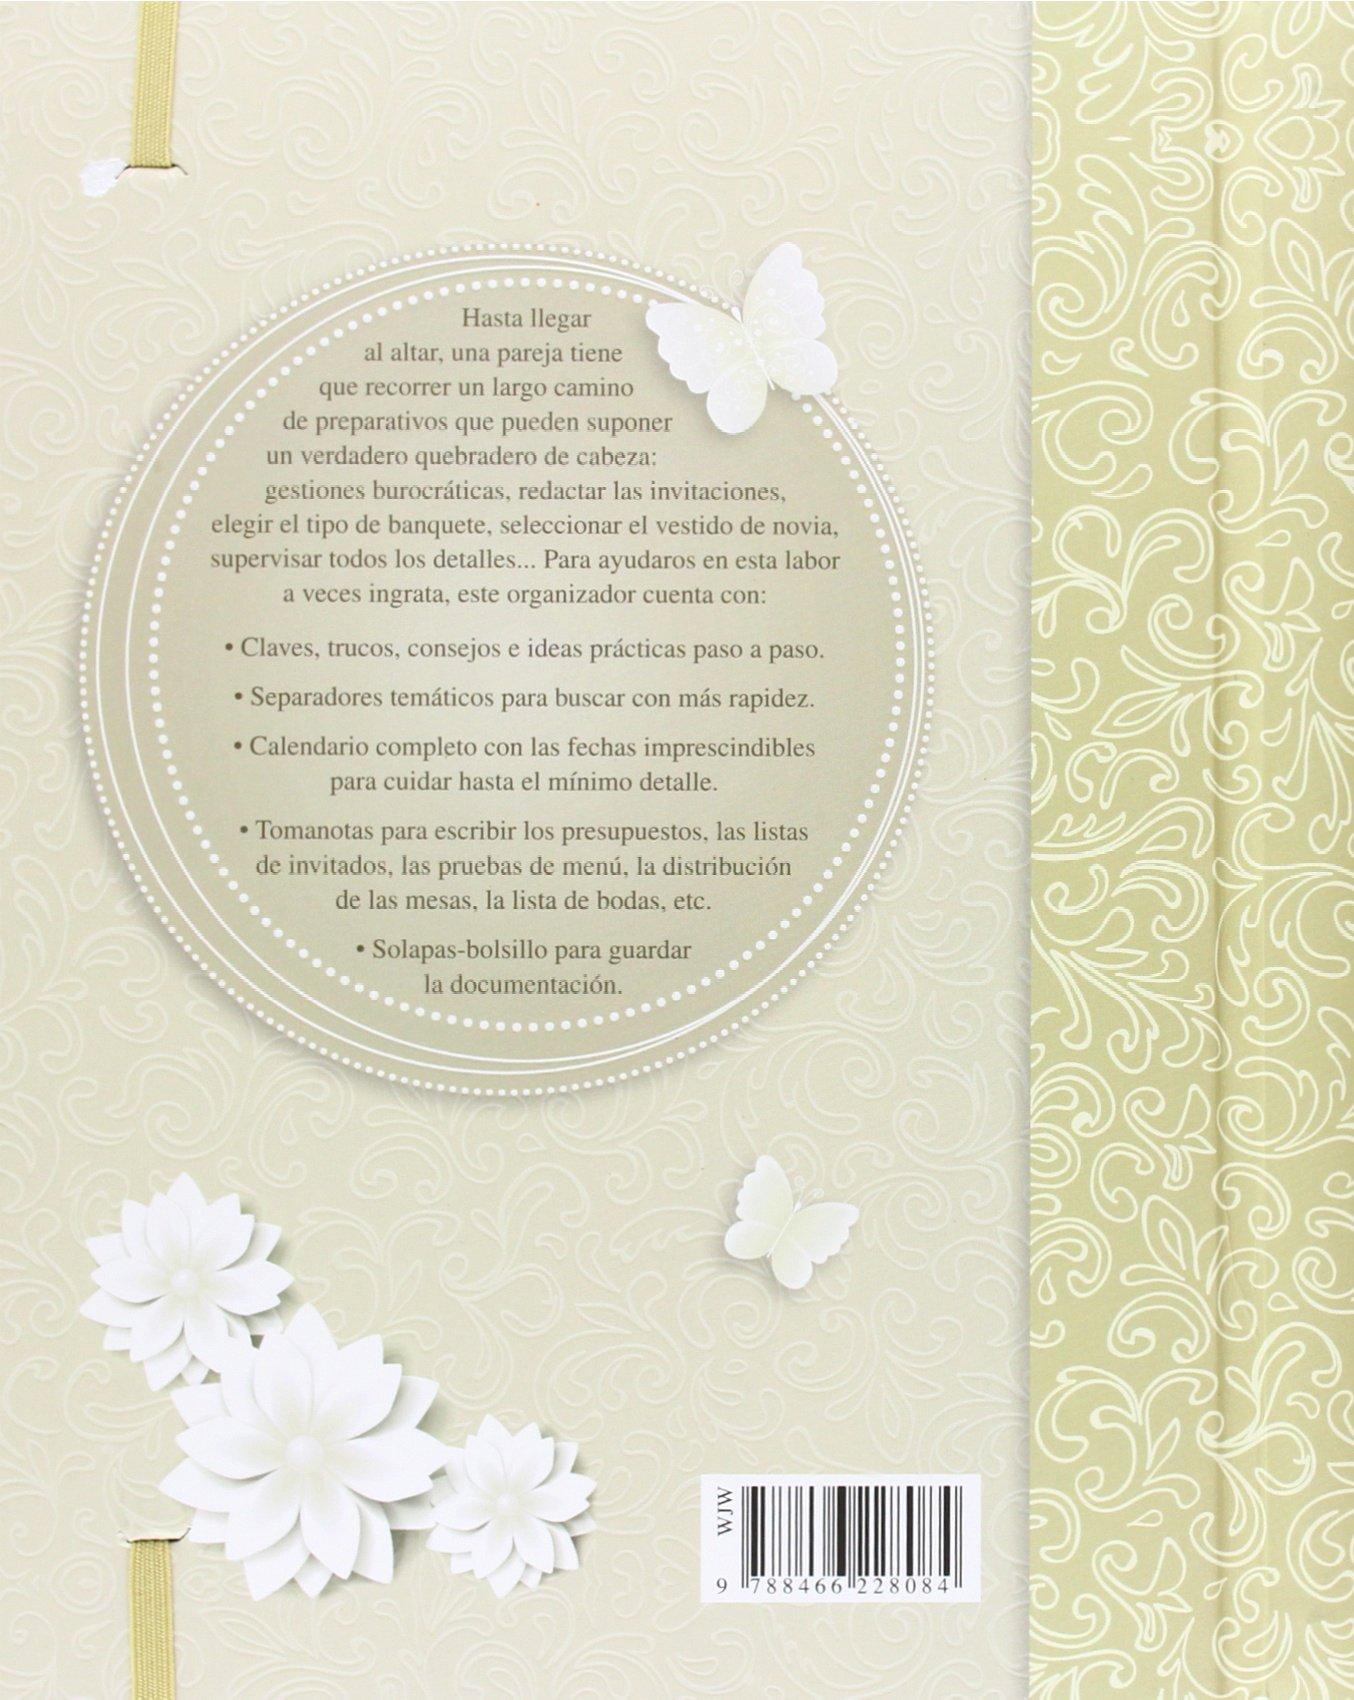 Mi Boda: Cómo Organizar el Gran Día: Equipo Editorial: 9788466228084: Amazon.com: Books